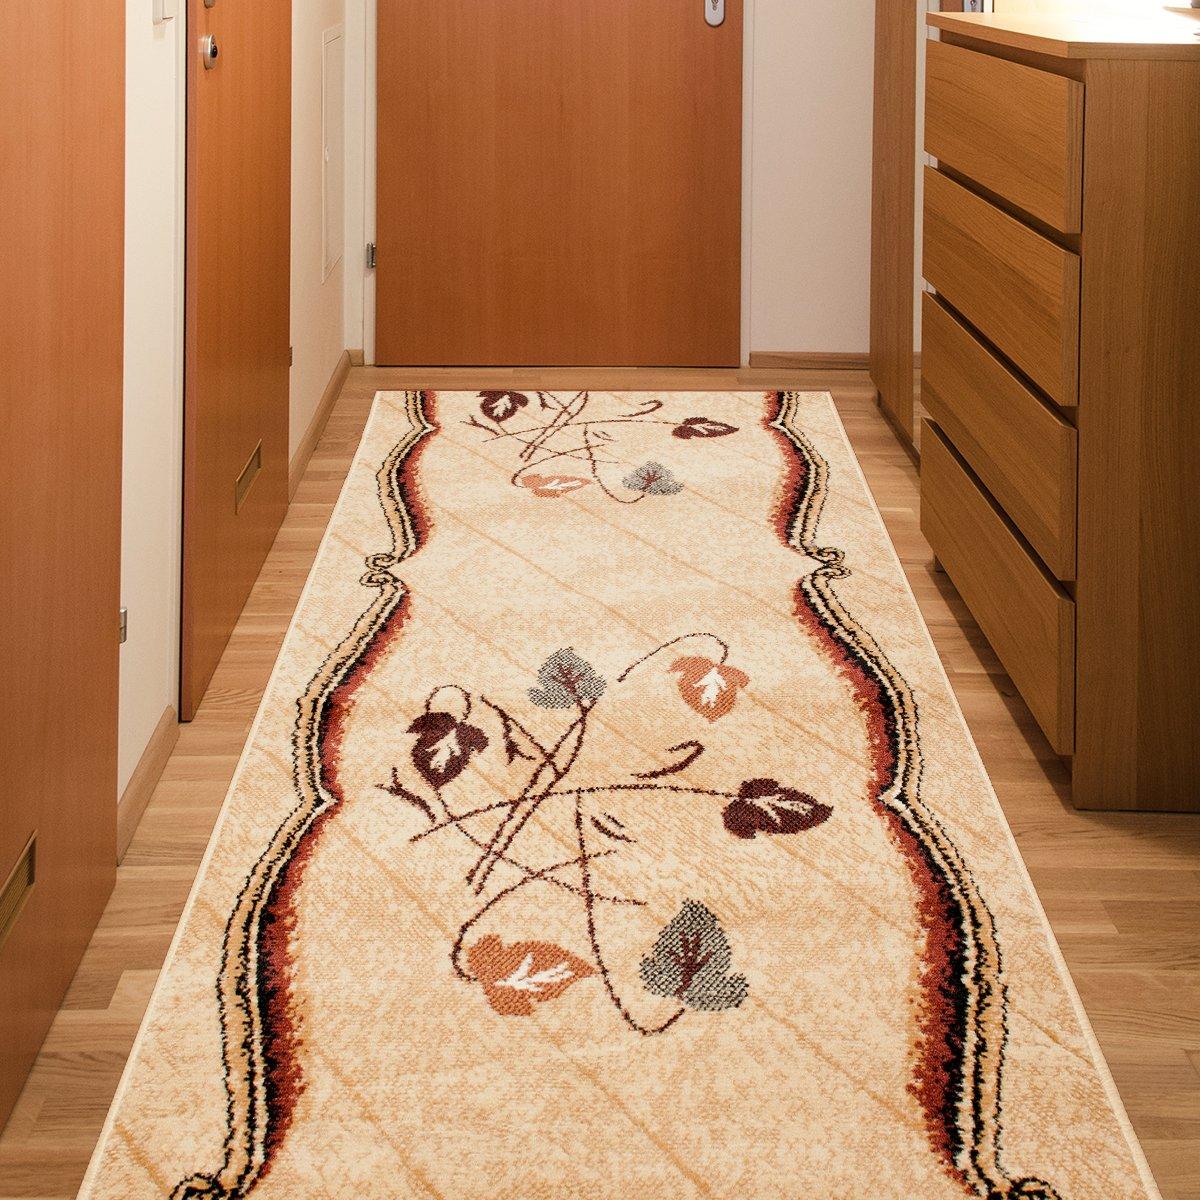 Tapiso Atlas Läufer Flur Kurzflor Teppich Küche Wohnzimmer Streifen Linien Abstrakt Floral Muster Braun Beige Creme Meliert ÖKOTEX 120 x 300 cm